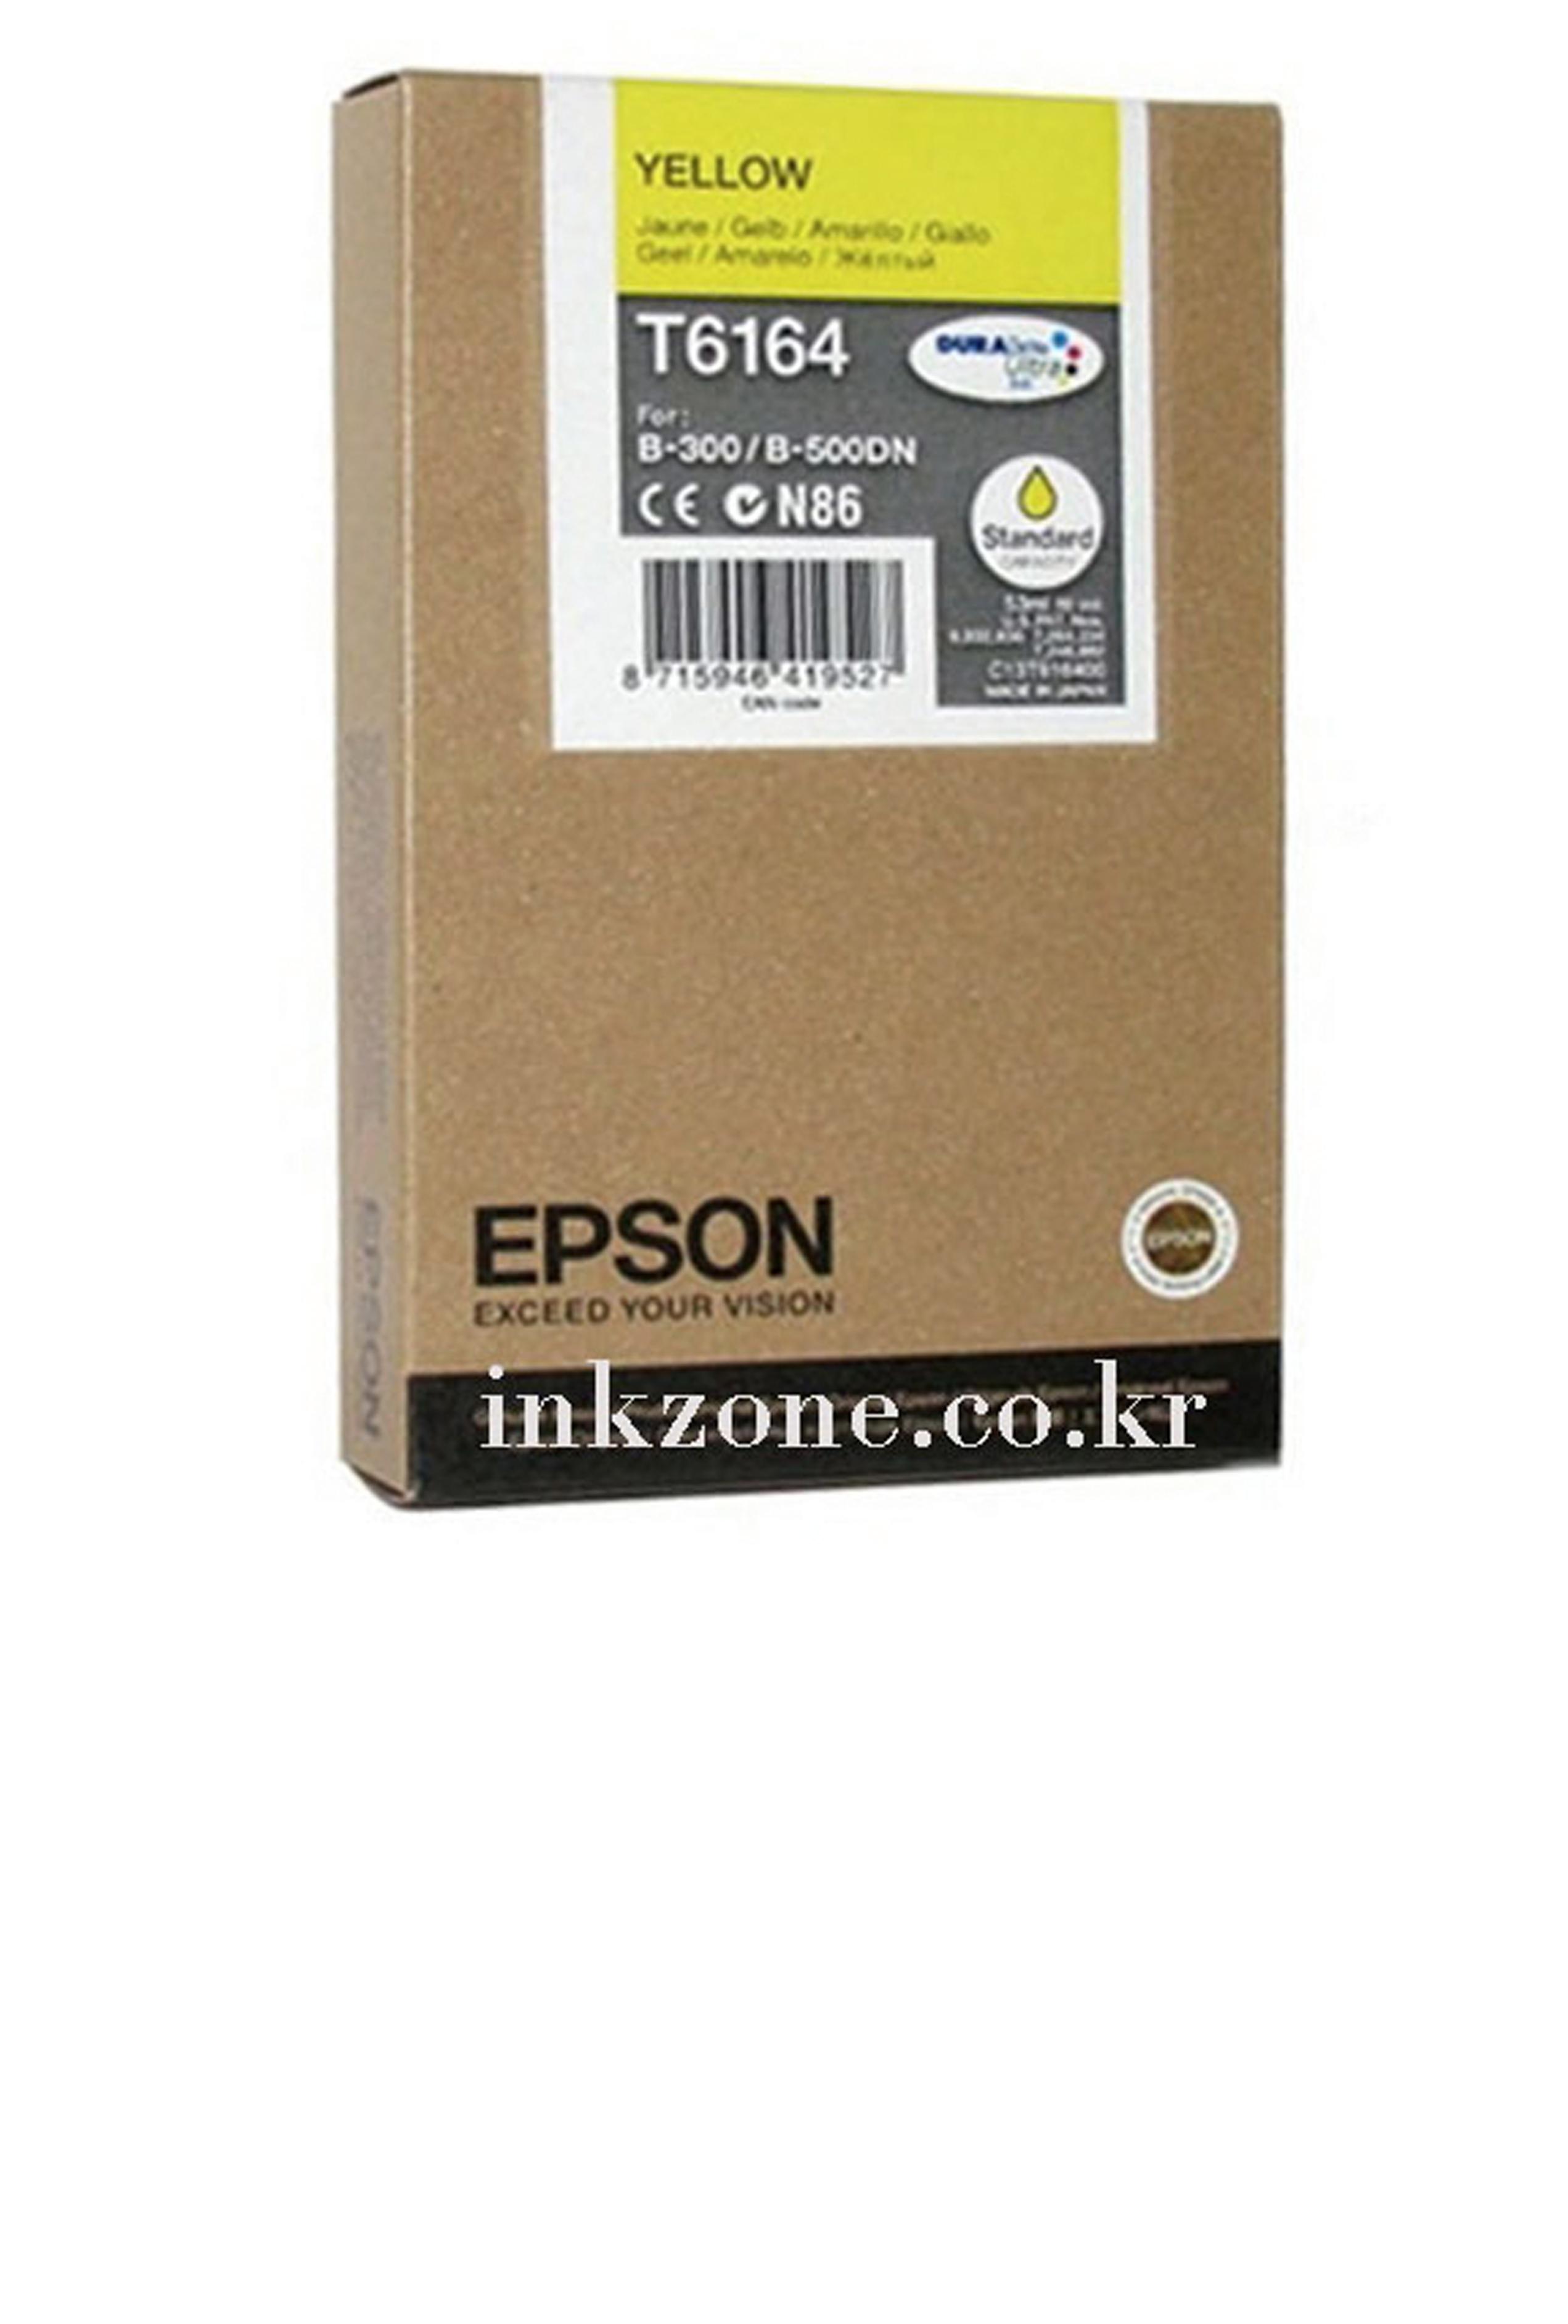 Epson EPSON SD YELLOW INK (3500) (T616400)